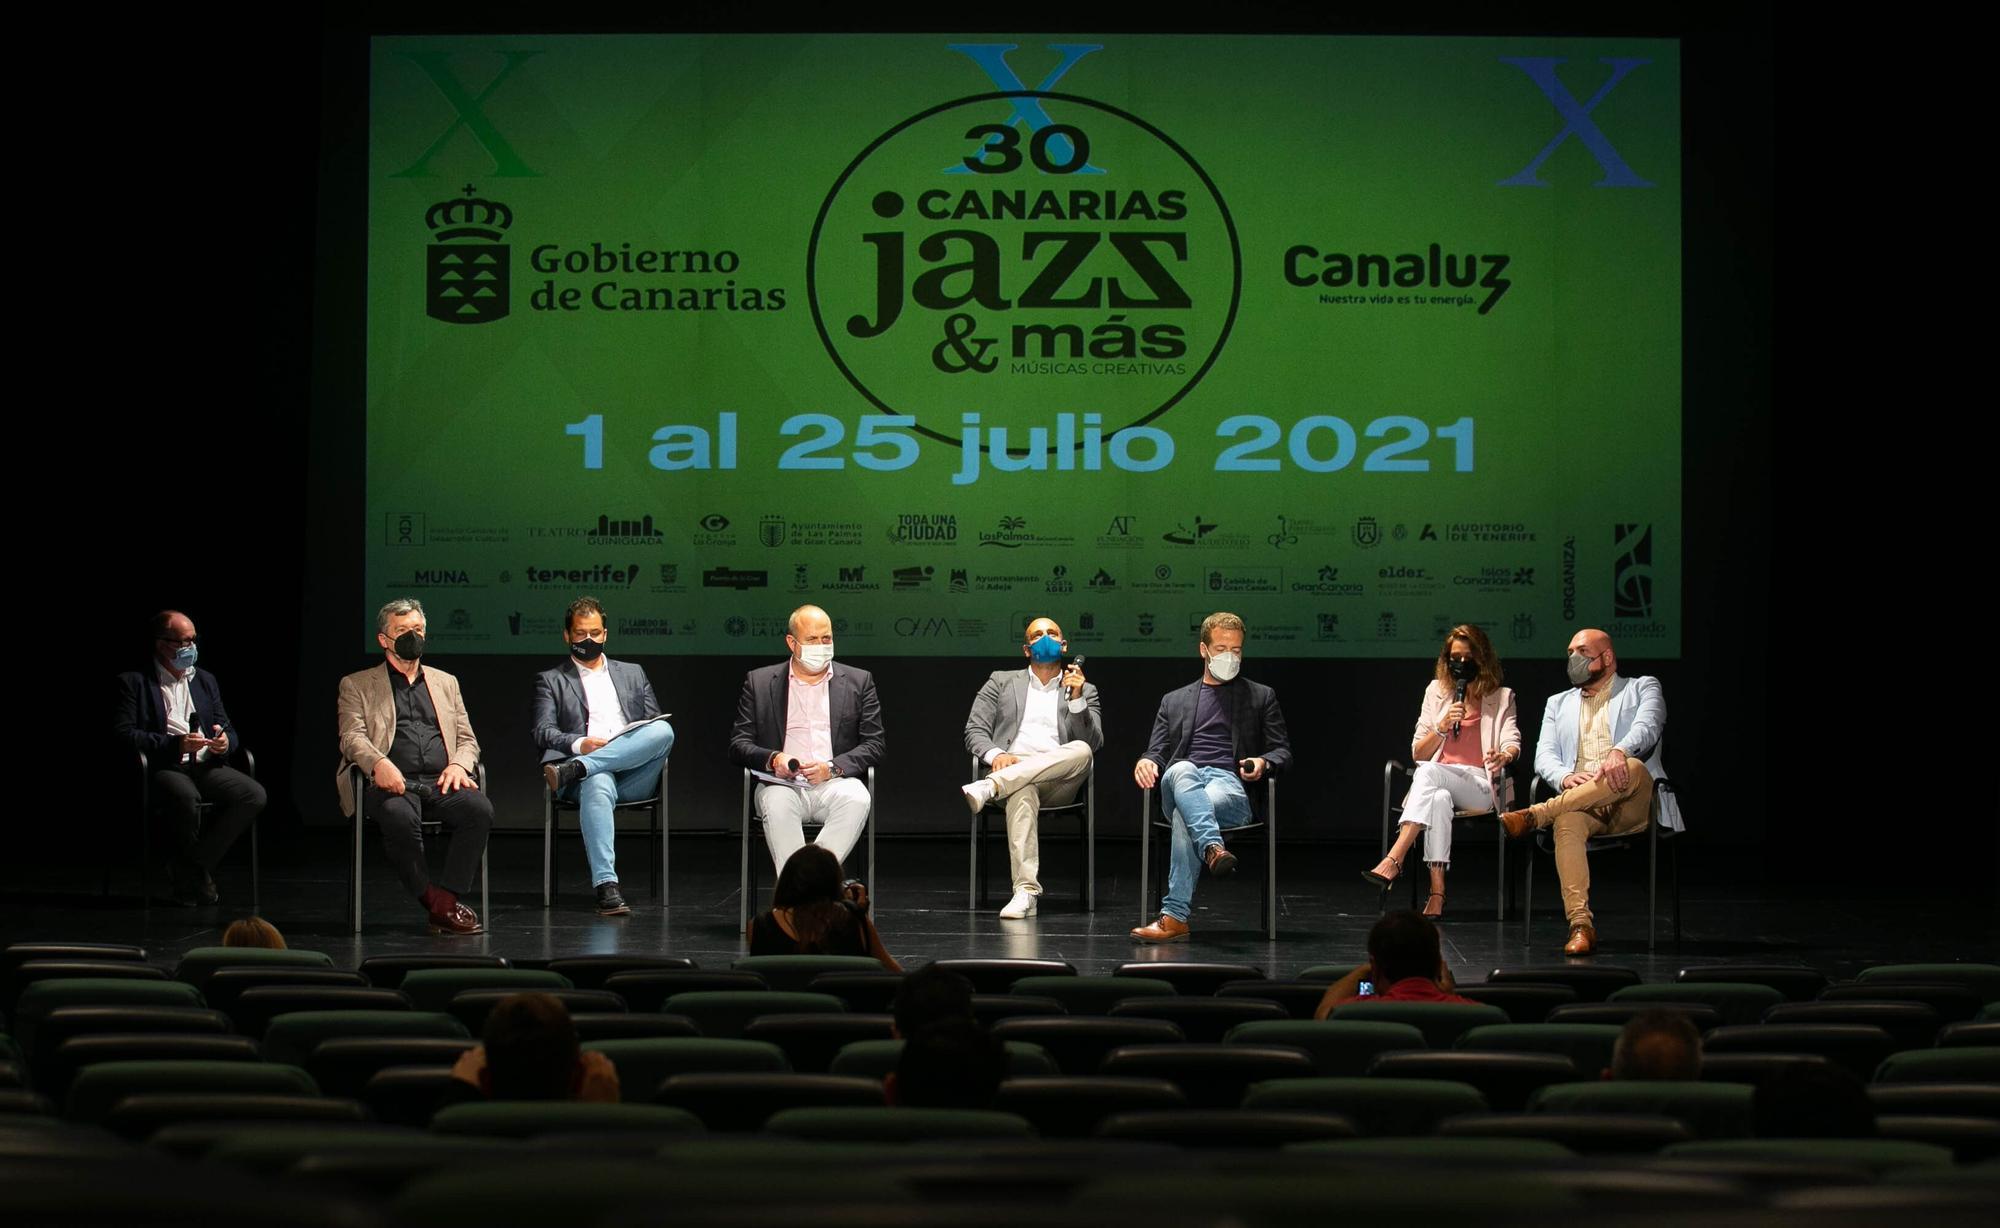 Festival Canarias Jazz & Más Canaluz